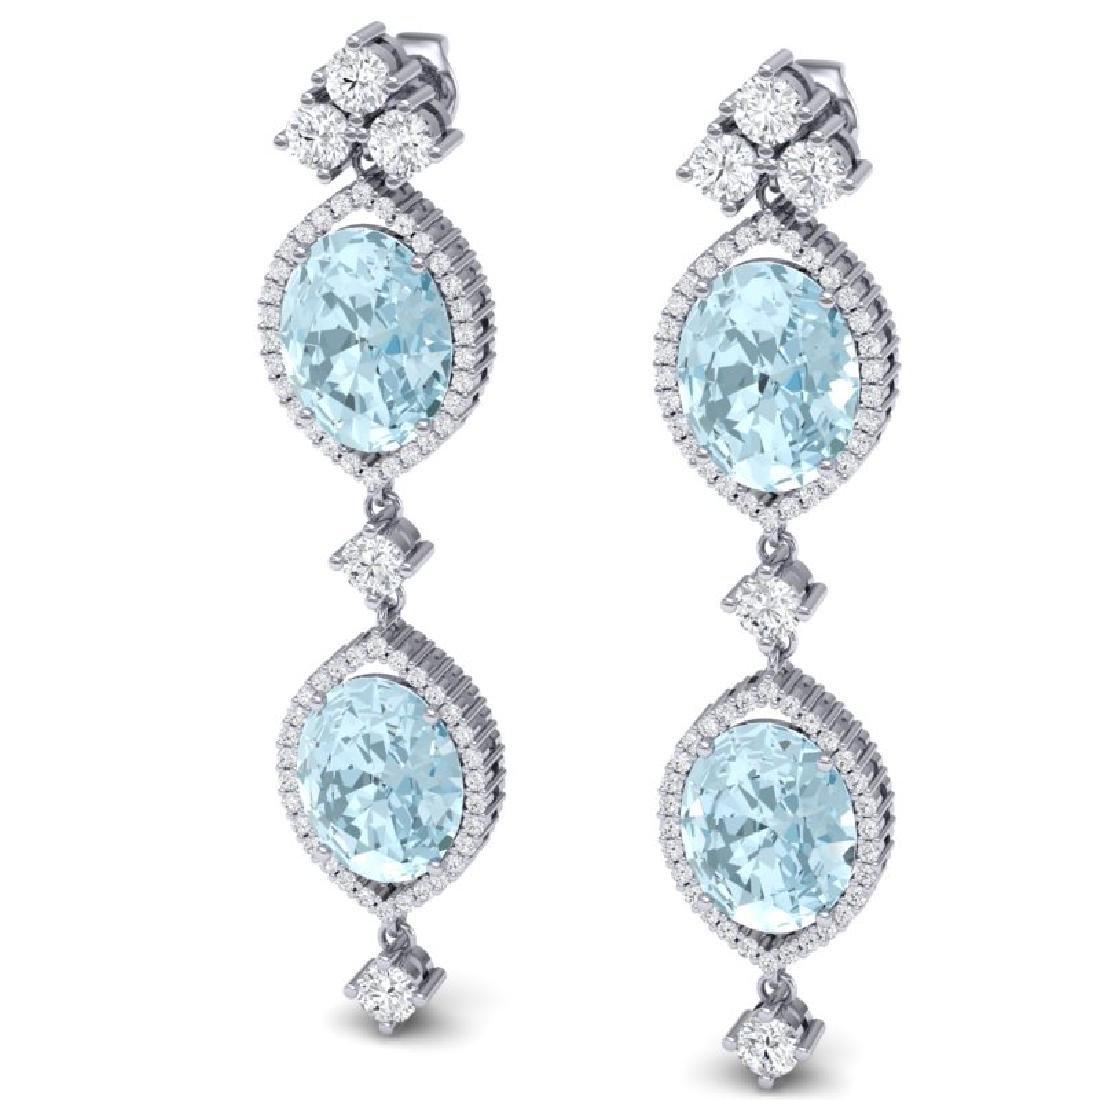 16.41 CTW Royalty Sky Topaz & VS Diamond Earrings 18K - 2